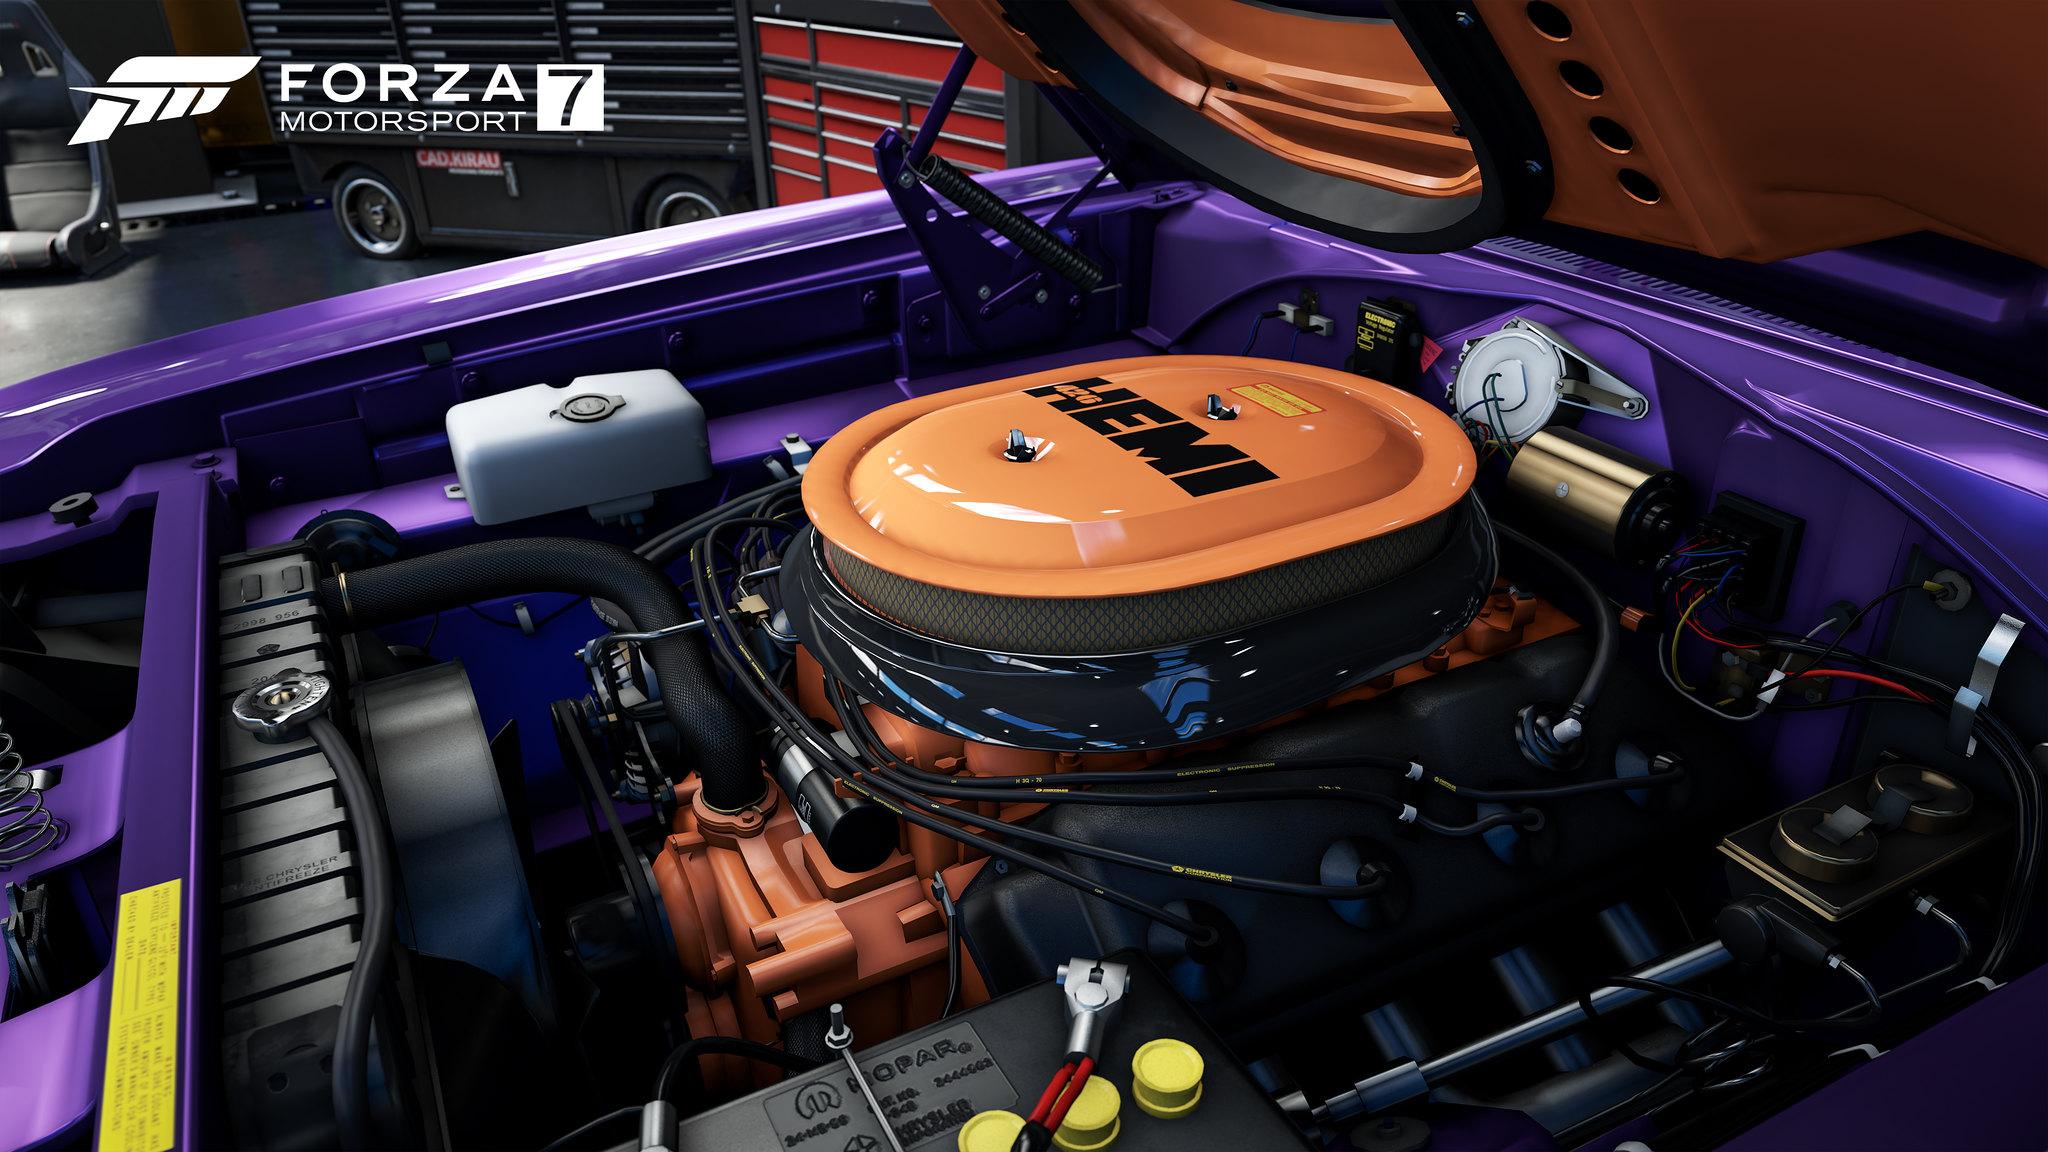 Forza7_E3_PressKit_09_HemiEngine_WM_4K